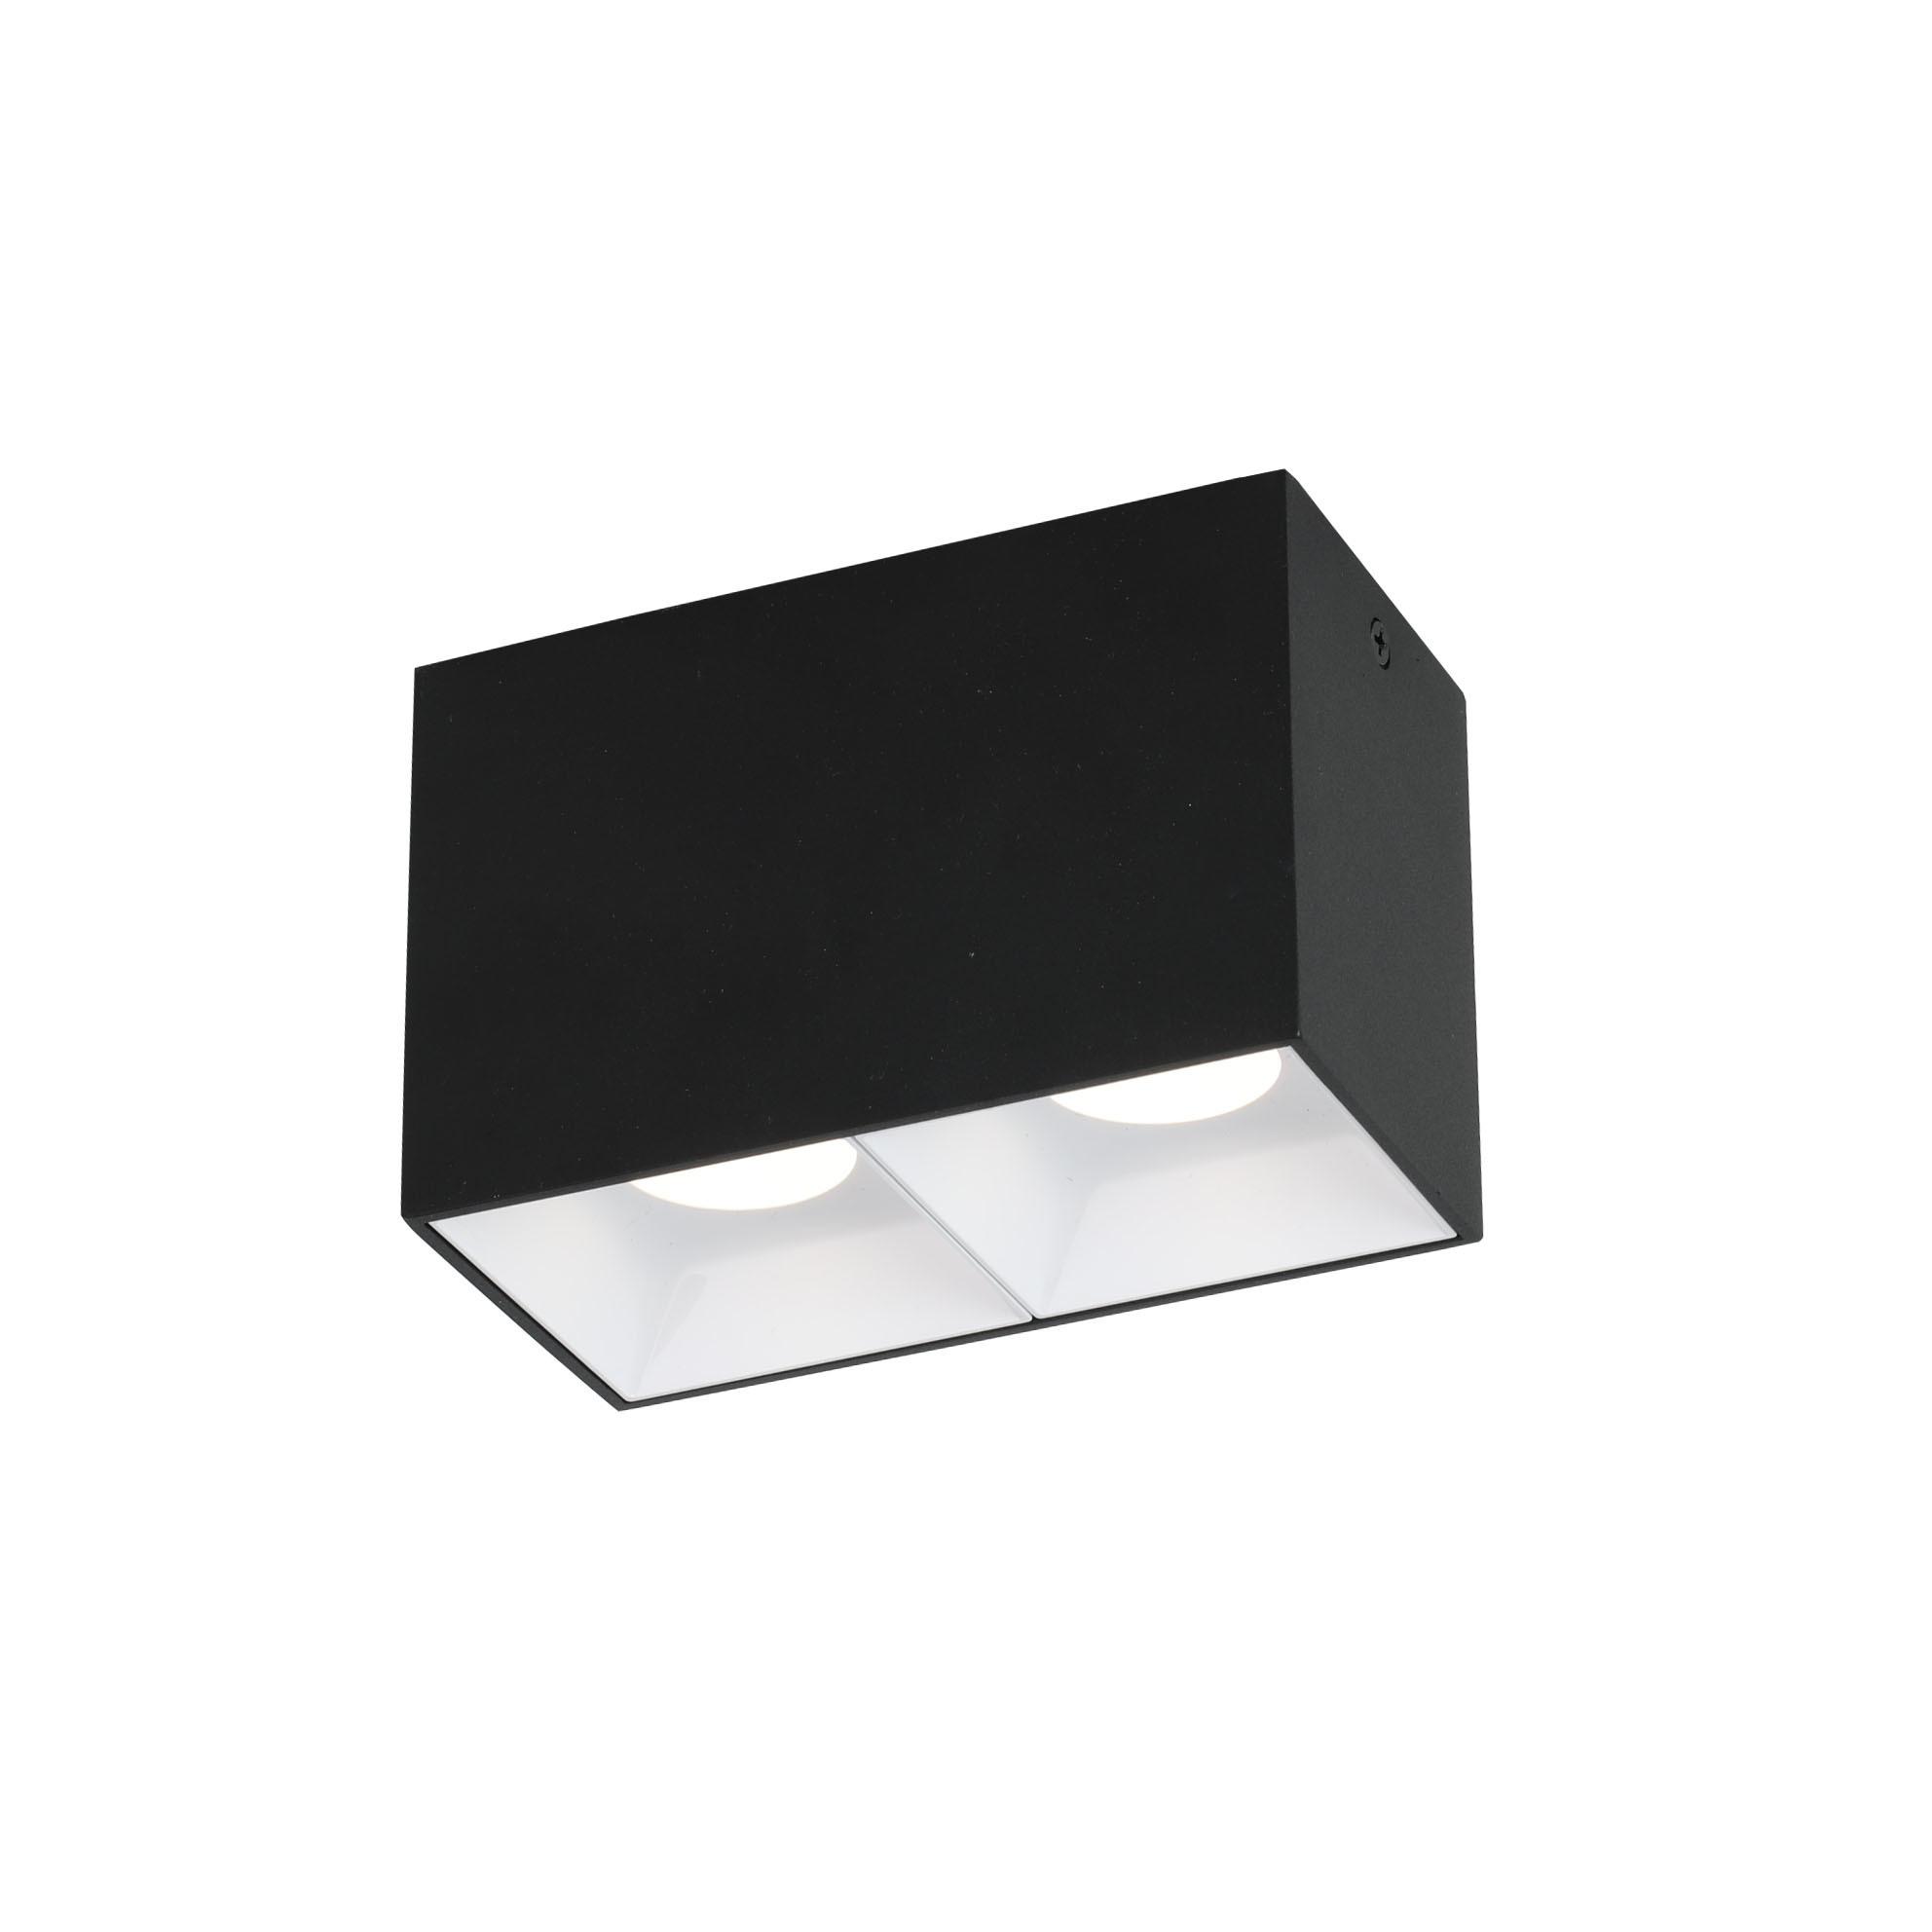 Потолочный светильник Favourite Oppositum 2404-2U 4000K (дневной) - фото 1